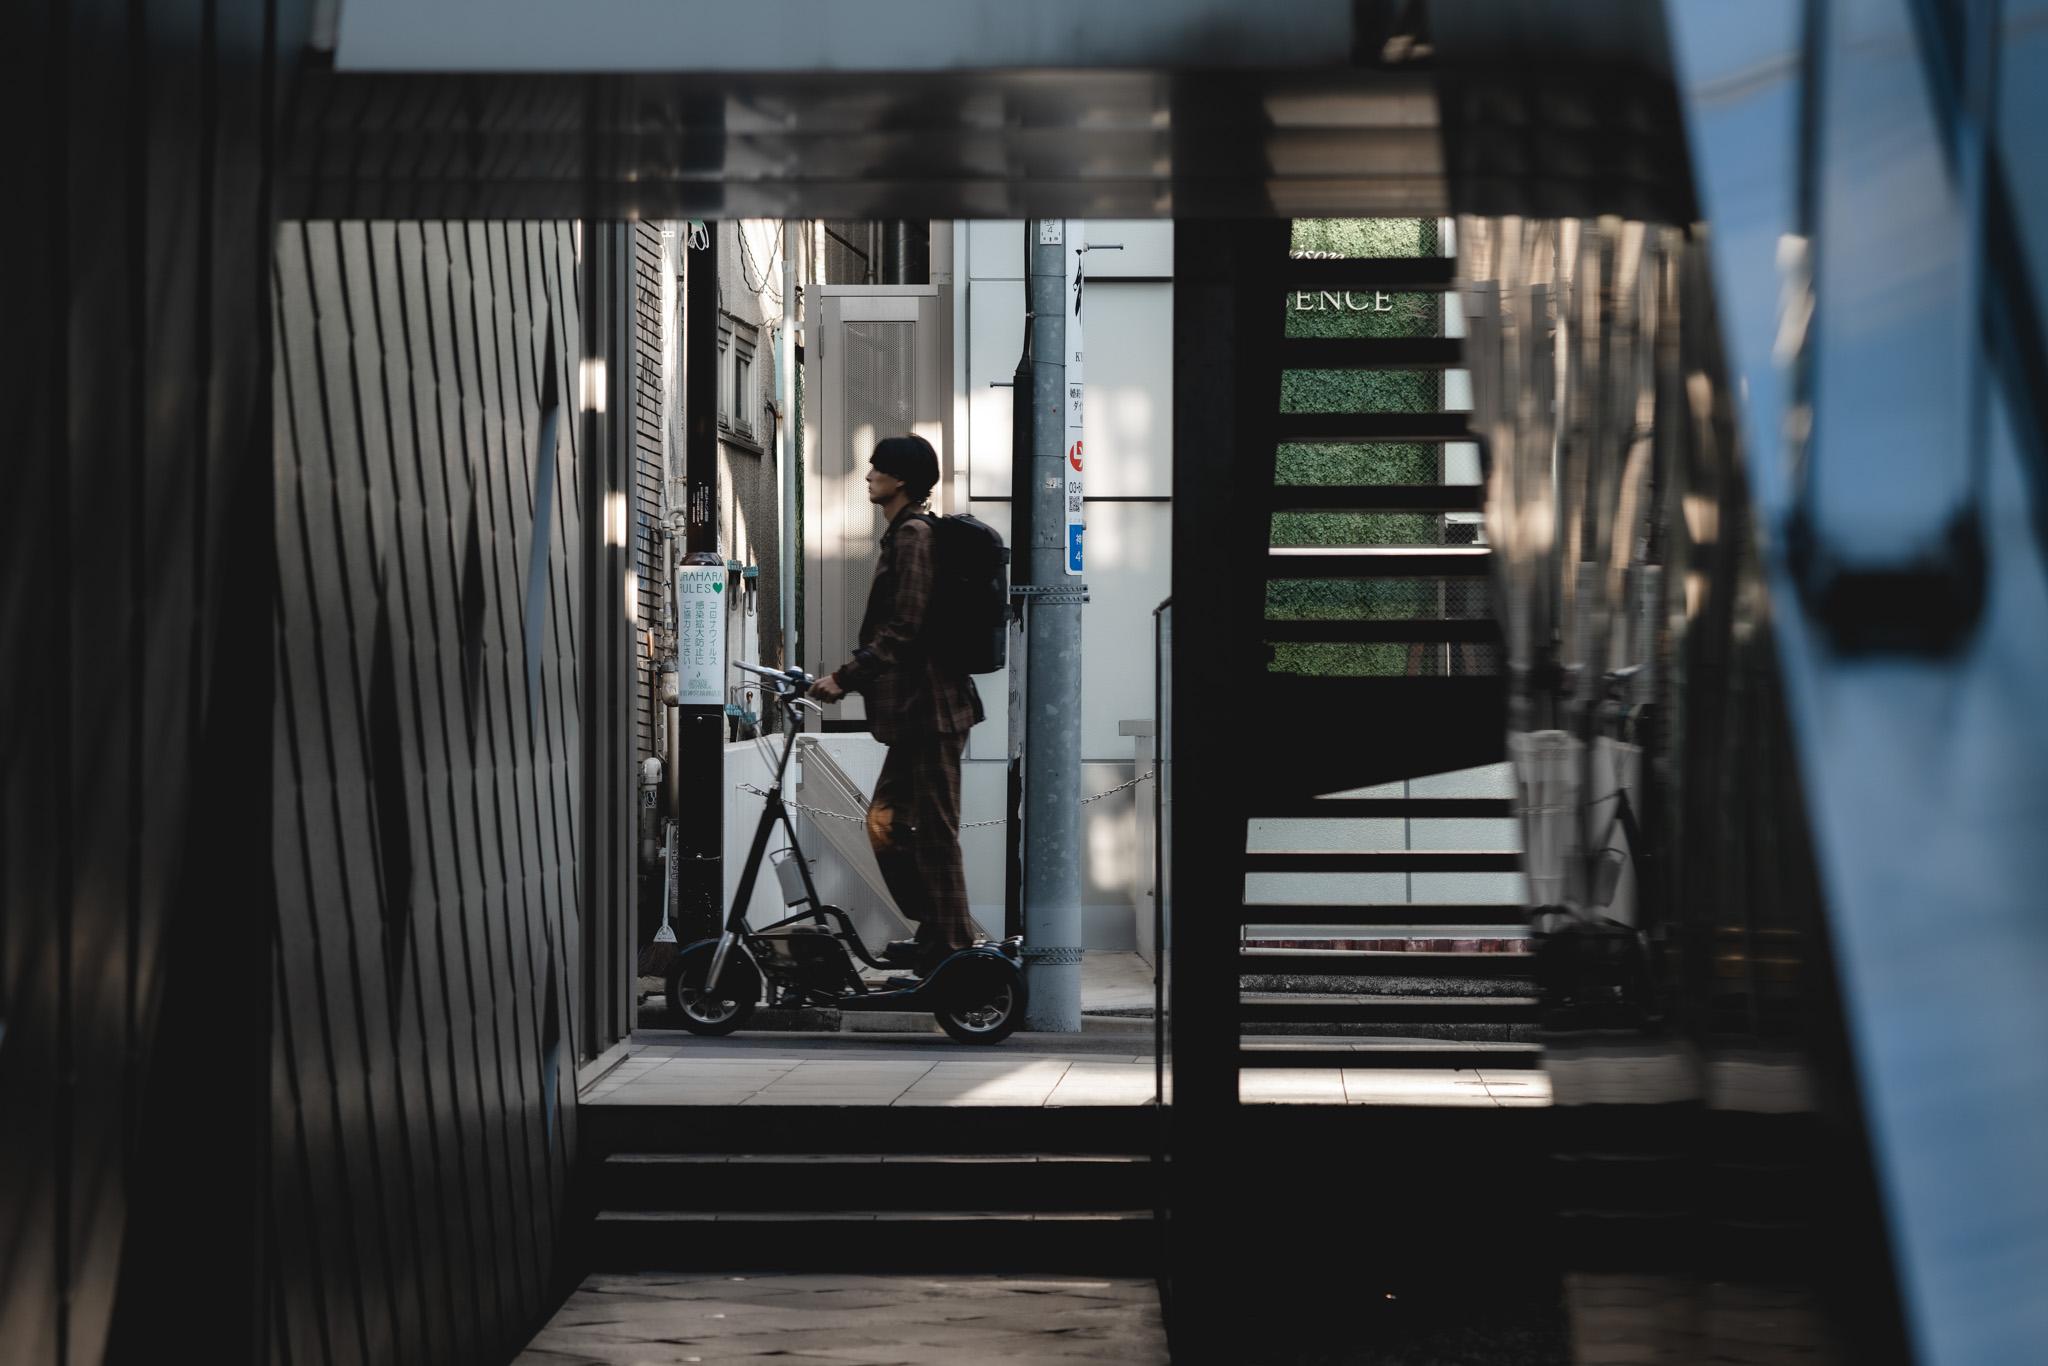 wbc walking bicycle tokyo japan walkthrough